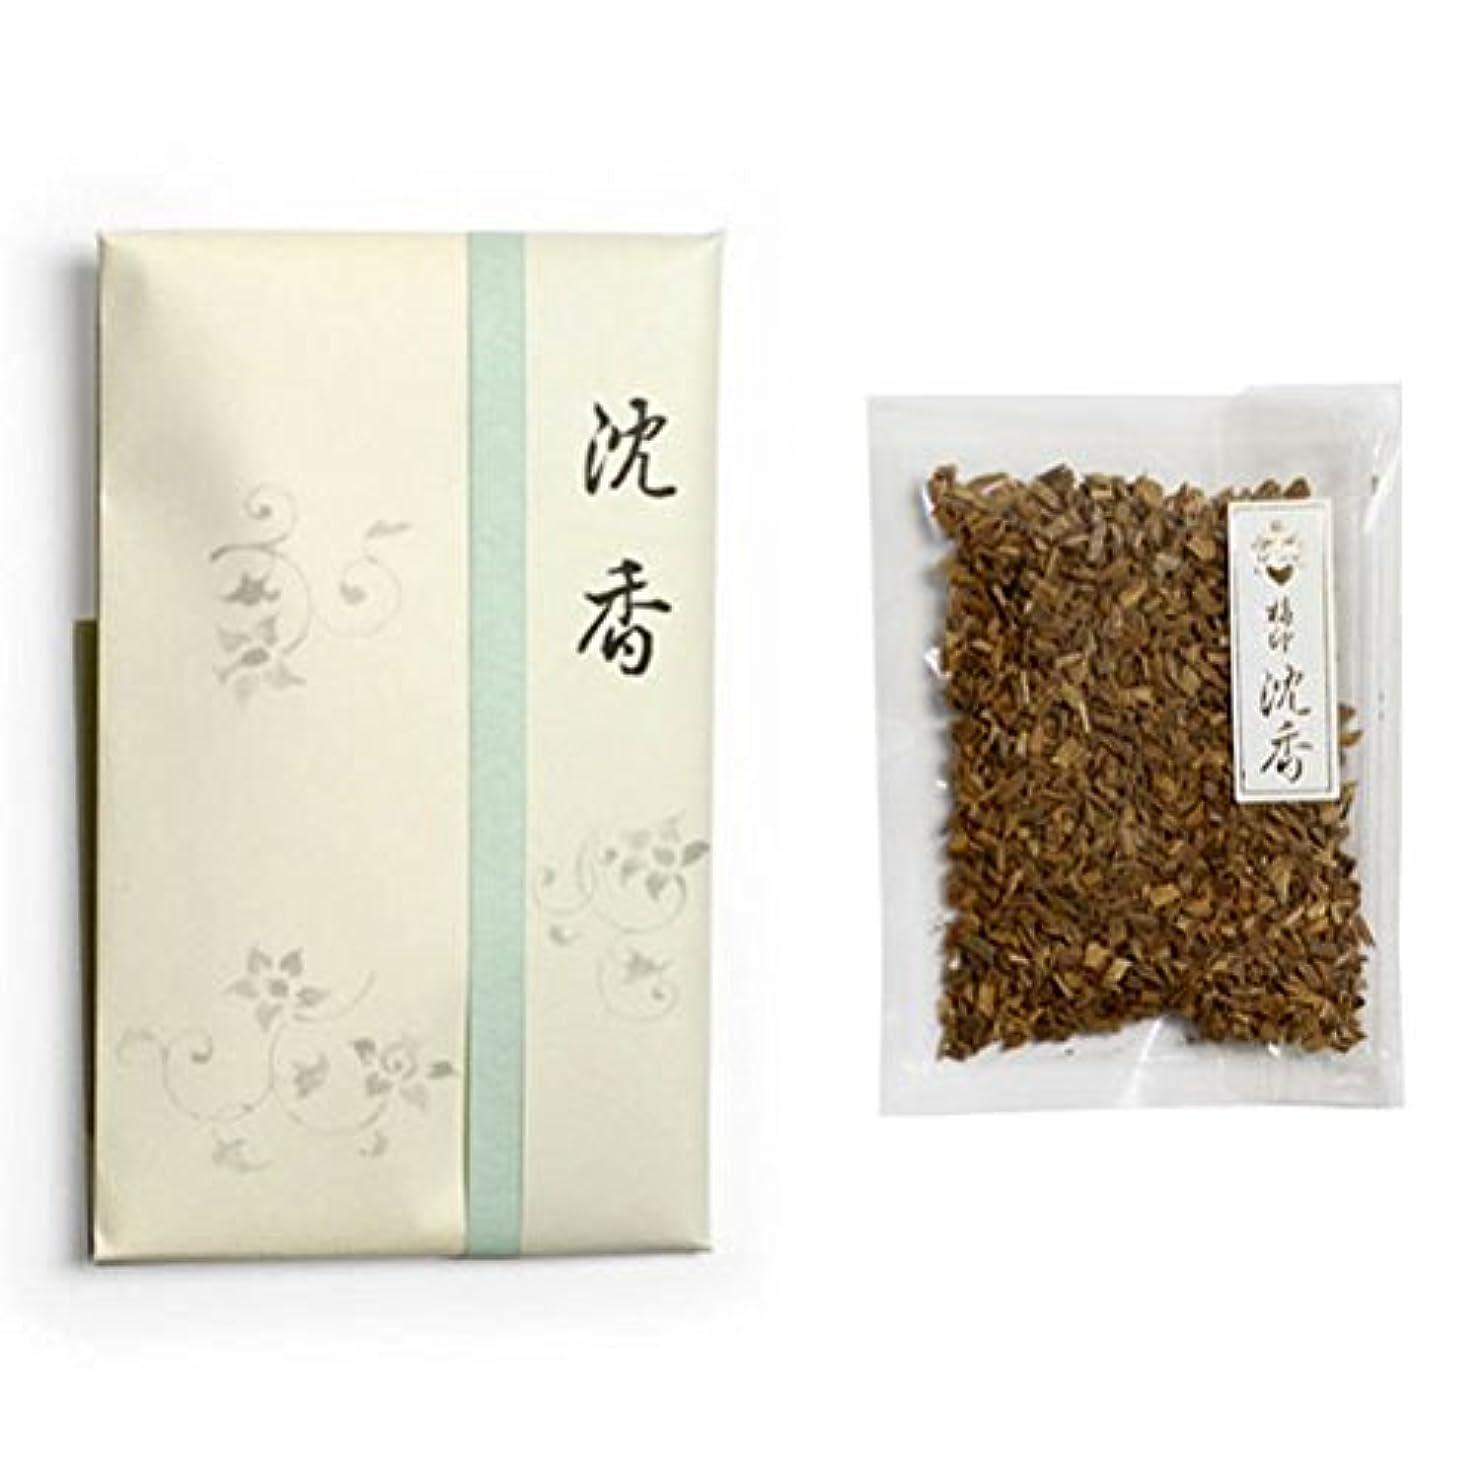 壊滅的なボリューム喉頭香木 竹印 沈香 刻(きざみ) 5g詰 松栄堂